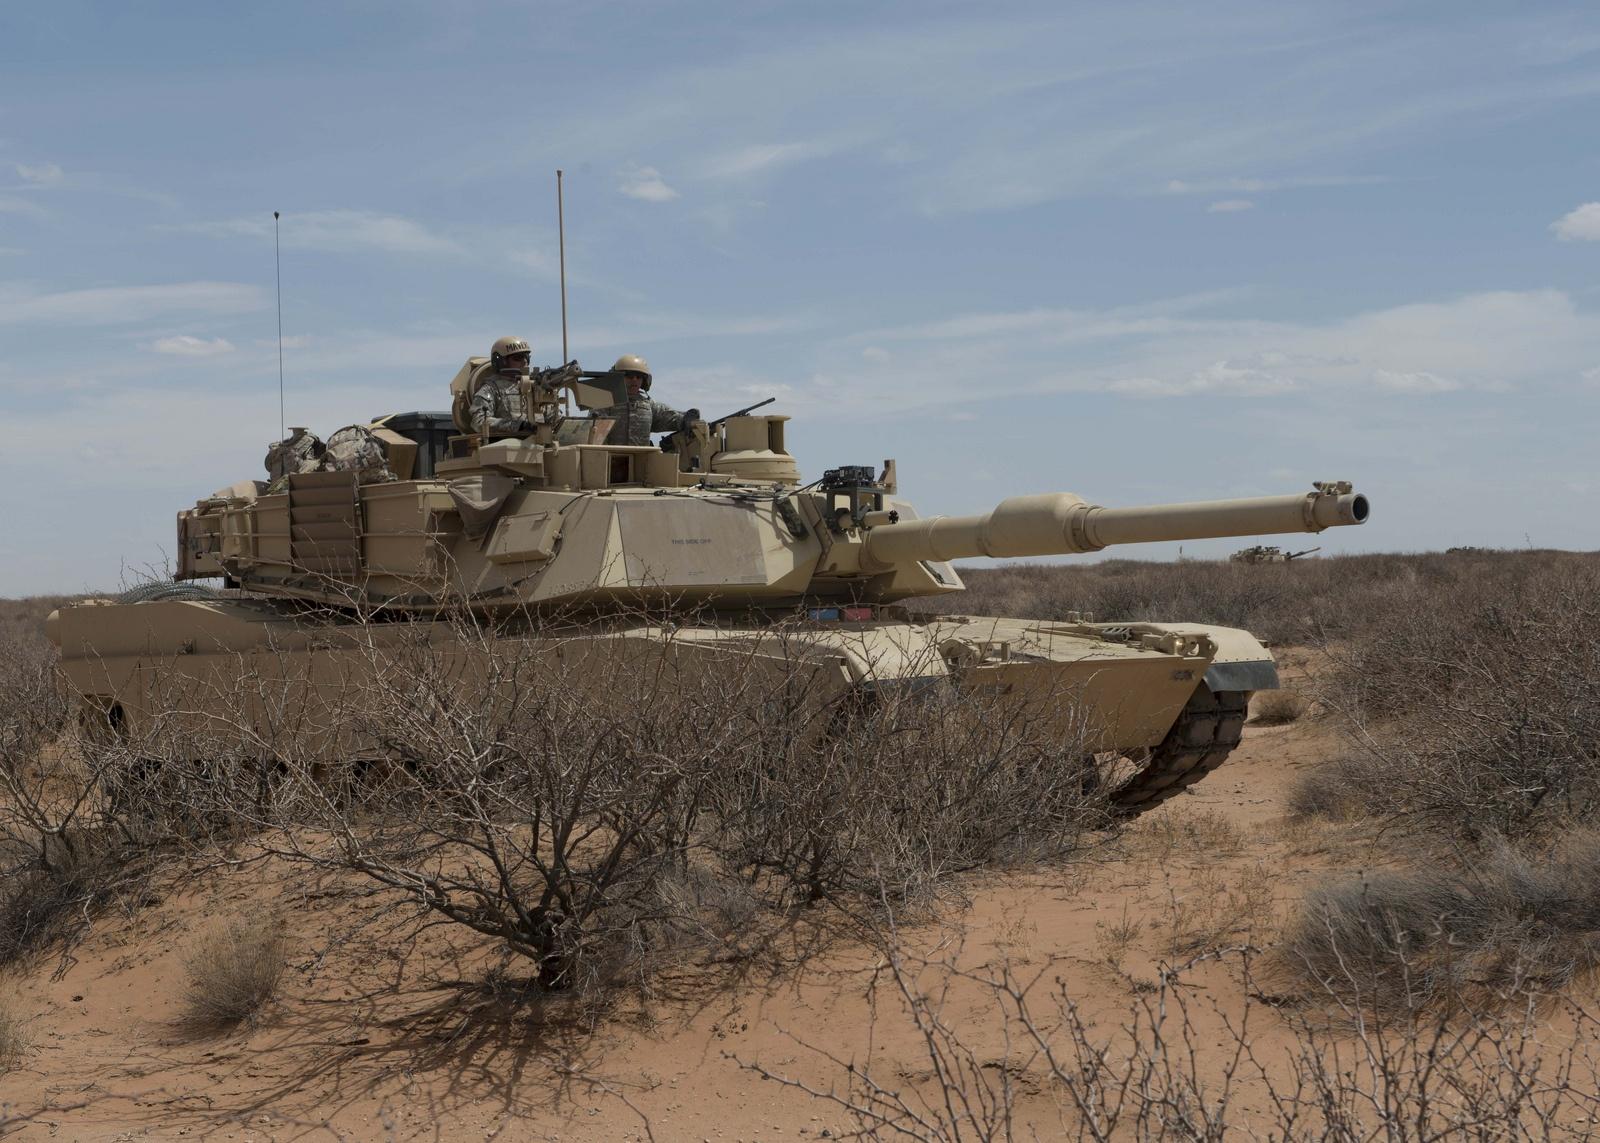 M1 전차의 엔진 개량을 평가해야 하는 미 육군